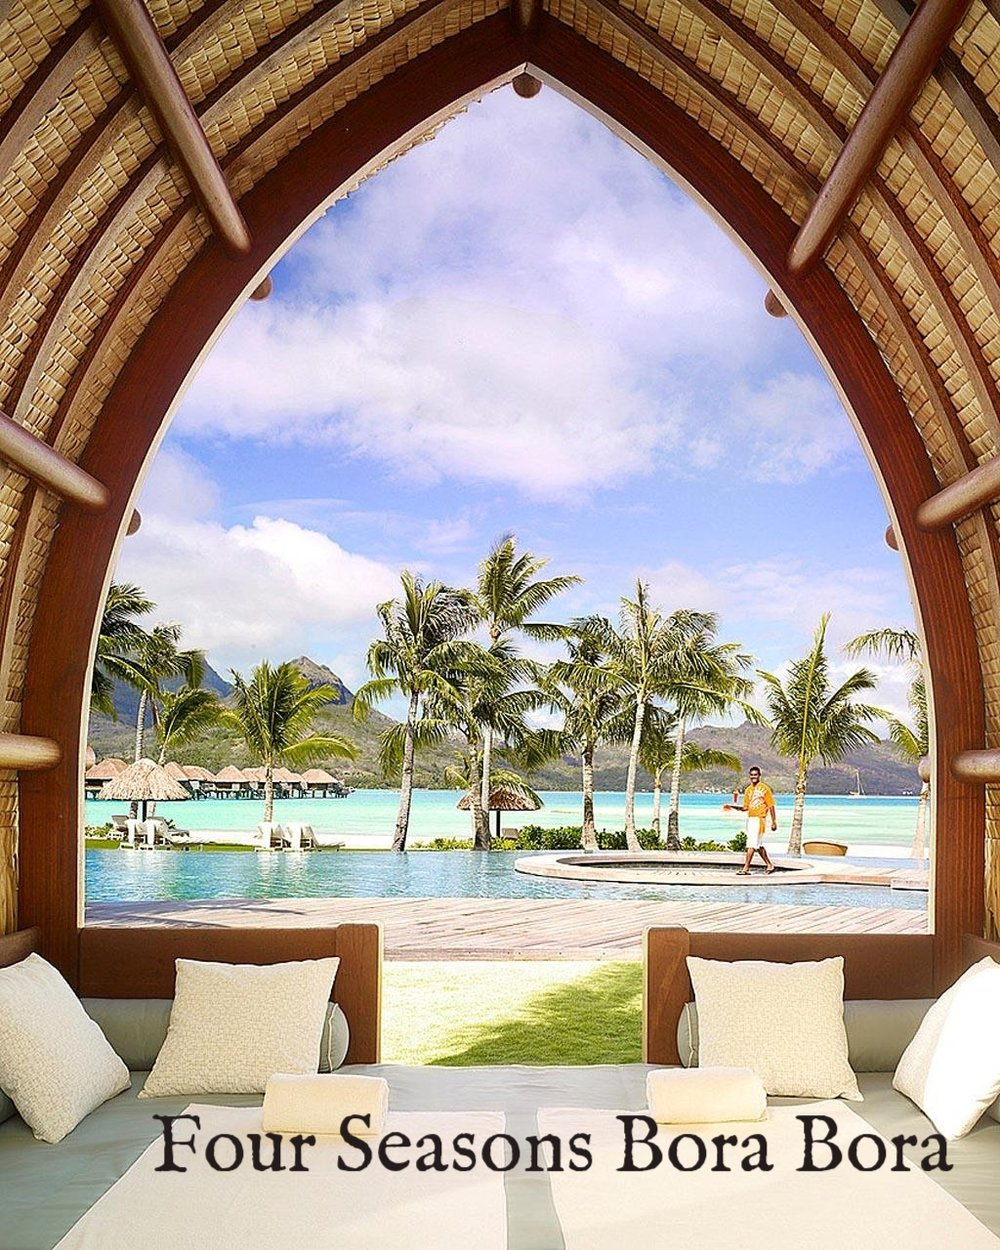 Four-Seasons-Resort-Bora-Bora-Pool-and-Cabanas.jpg